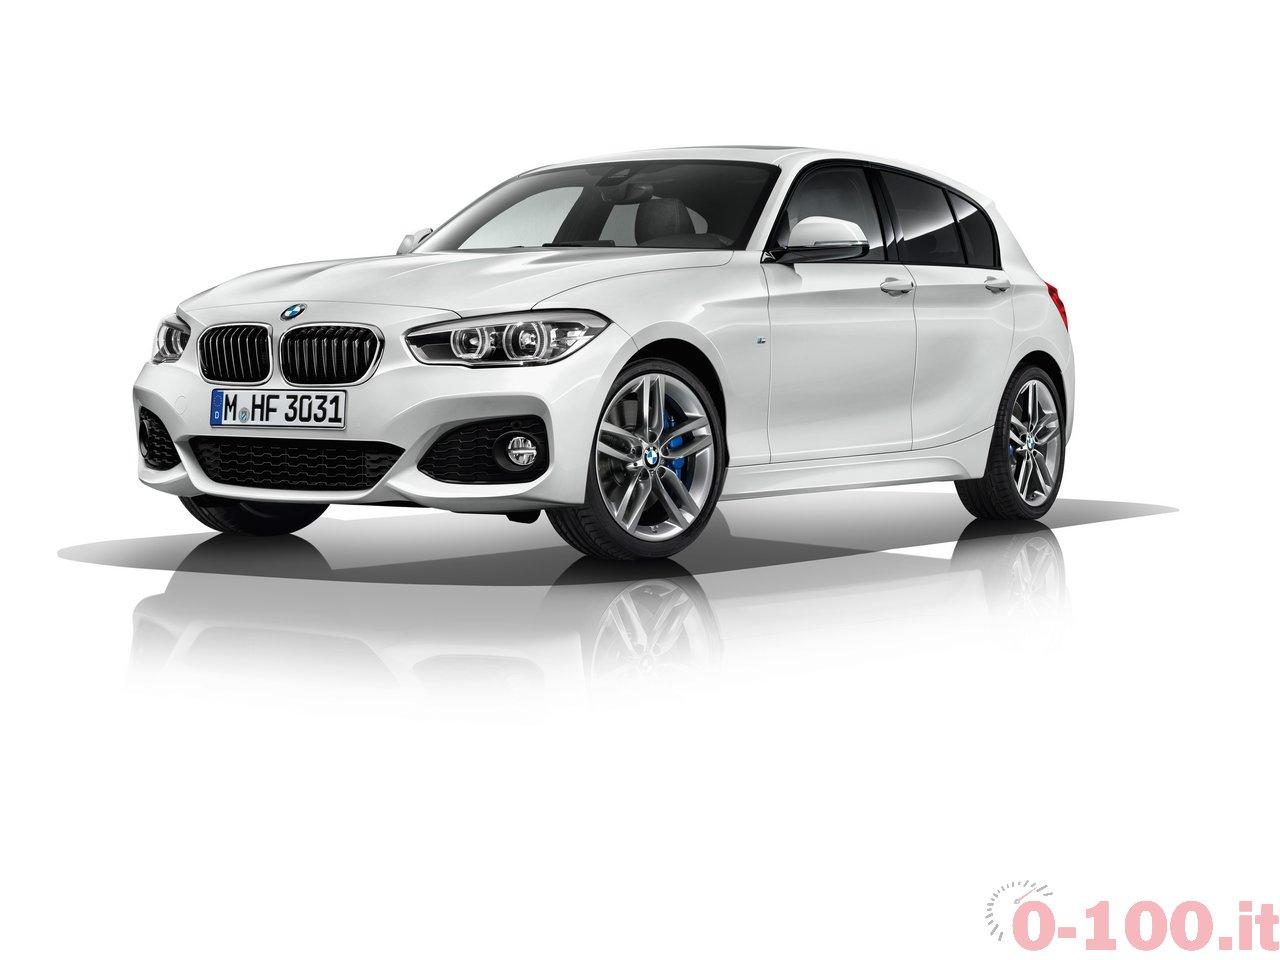 BMW-serie-1-2015_116d-118d-120d-125d-116i-118i-120i-125i-135i-0-100_39